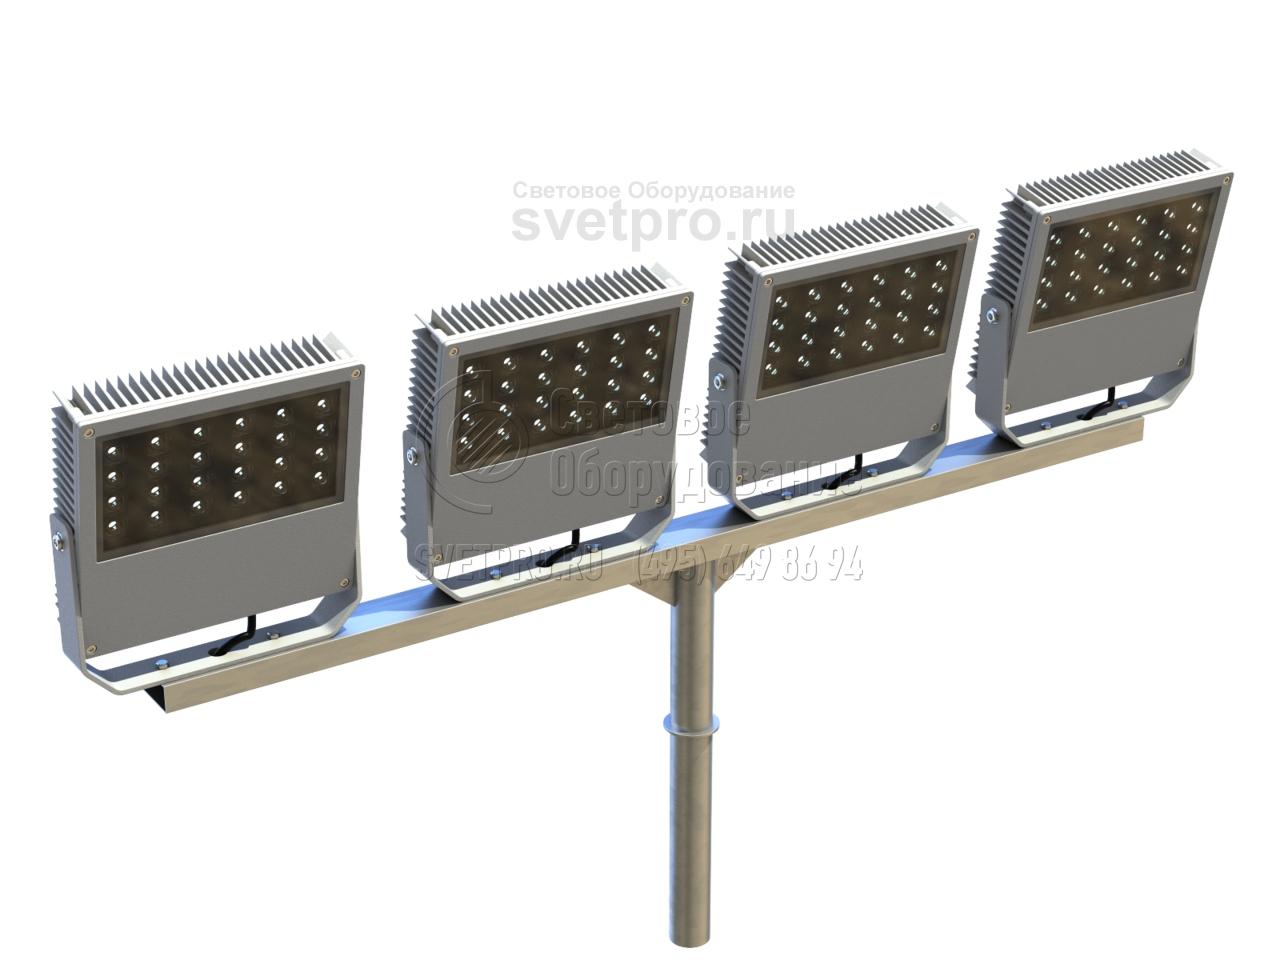 Т-образный (серия 14) Кронштейн для прожекторных светильников